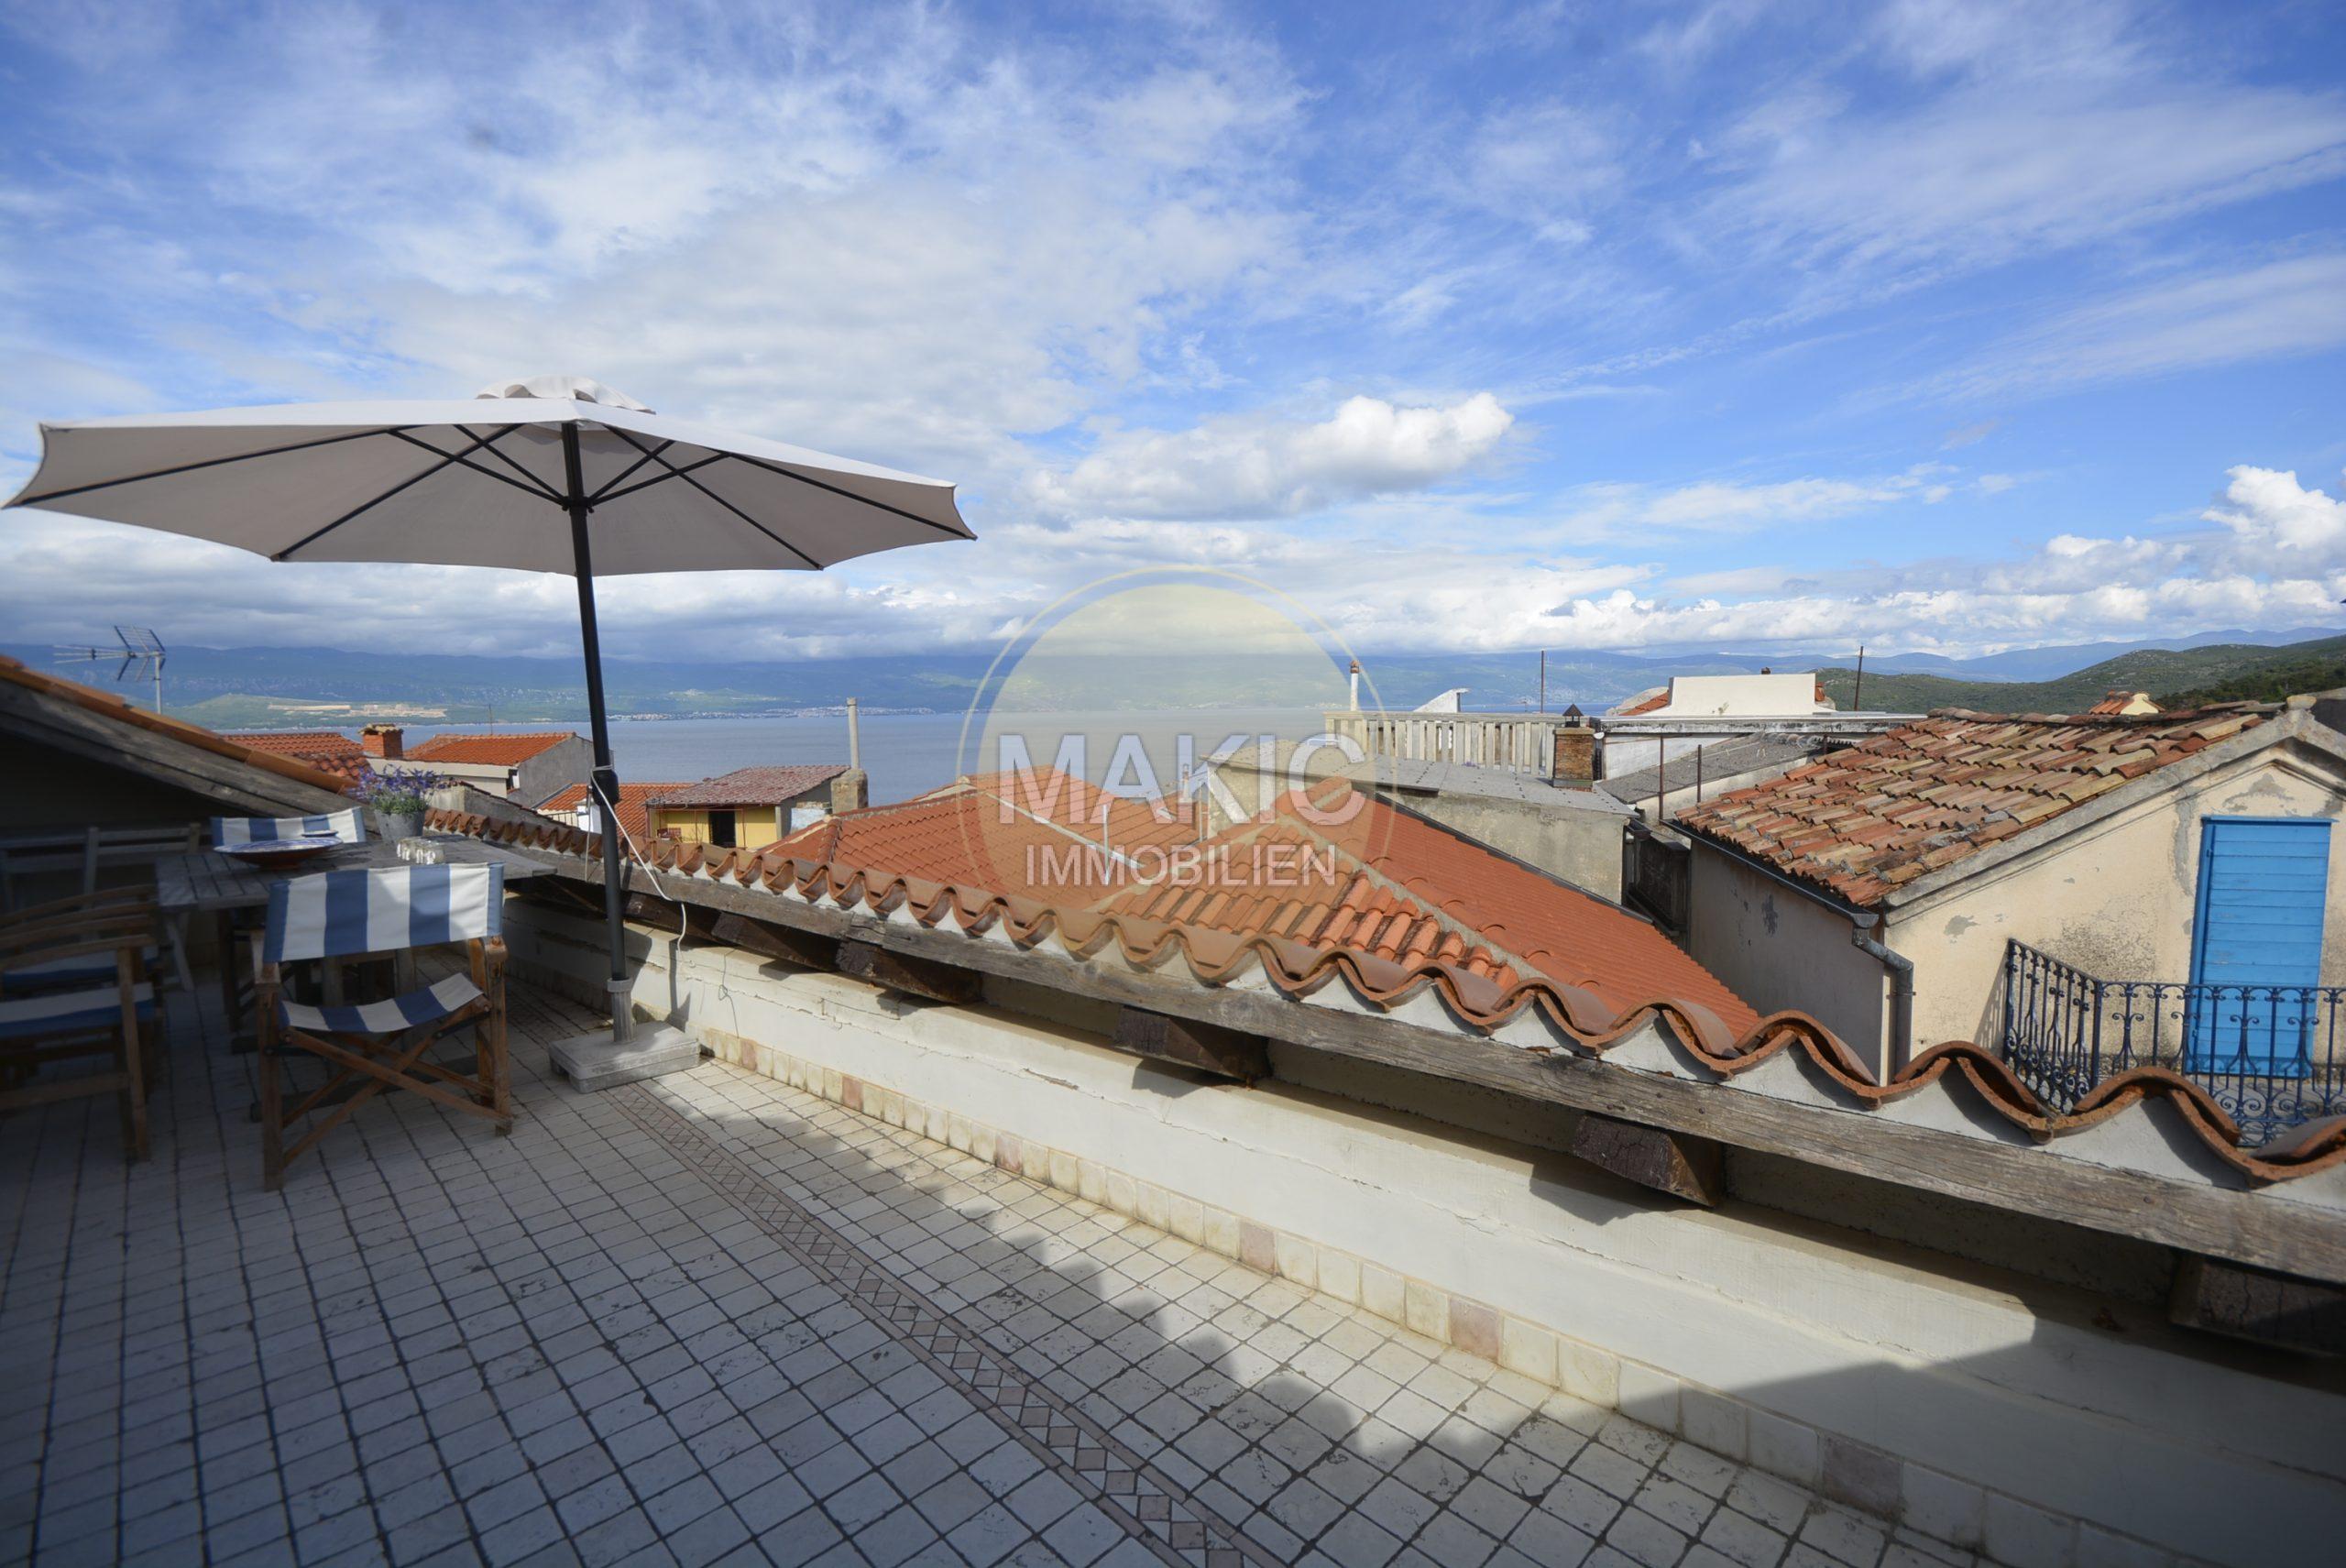 OTOK KRK – Mediteranska kuća sa pogledom na more!